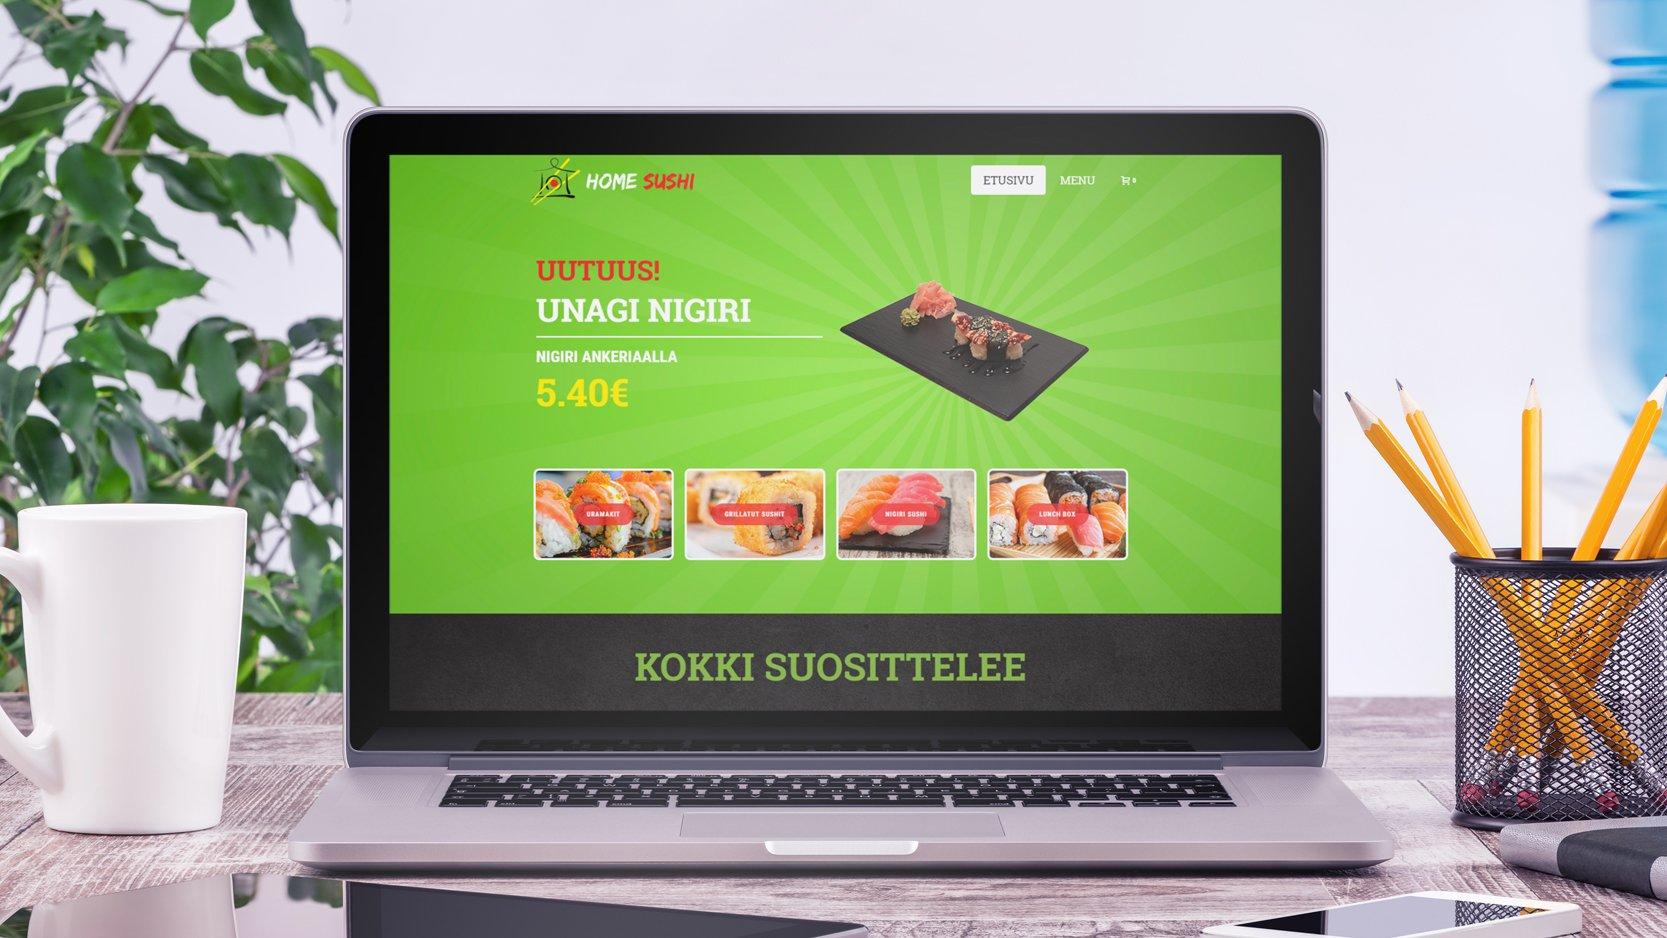 Сайт доставки суши Homesushi.fi